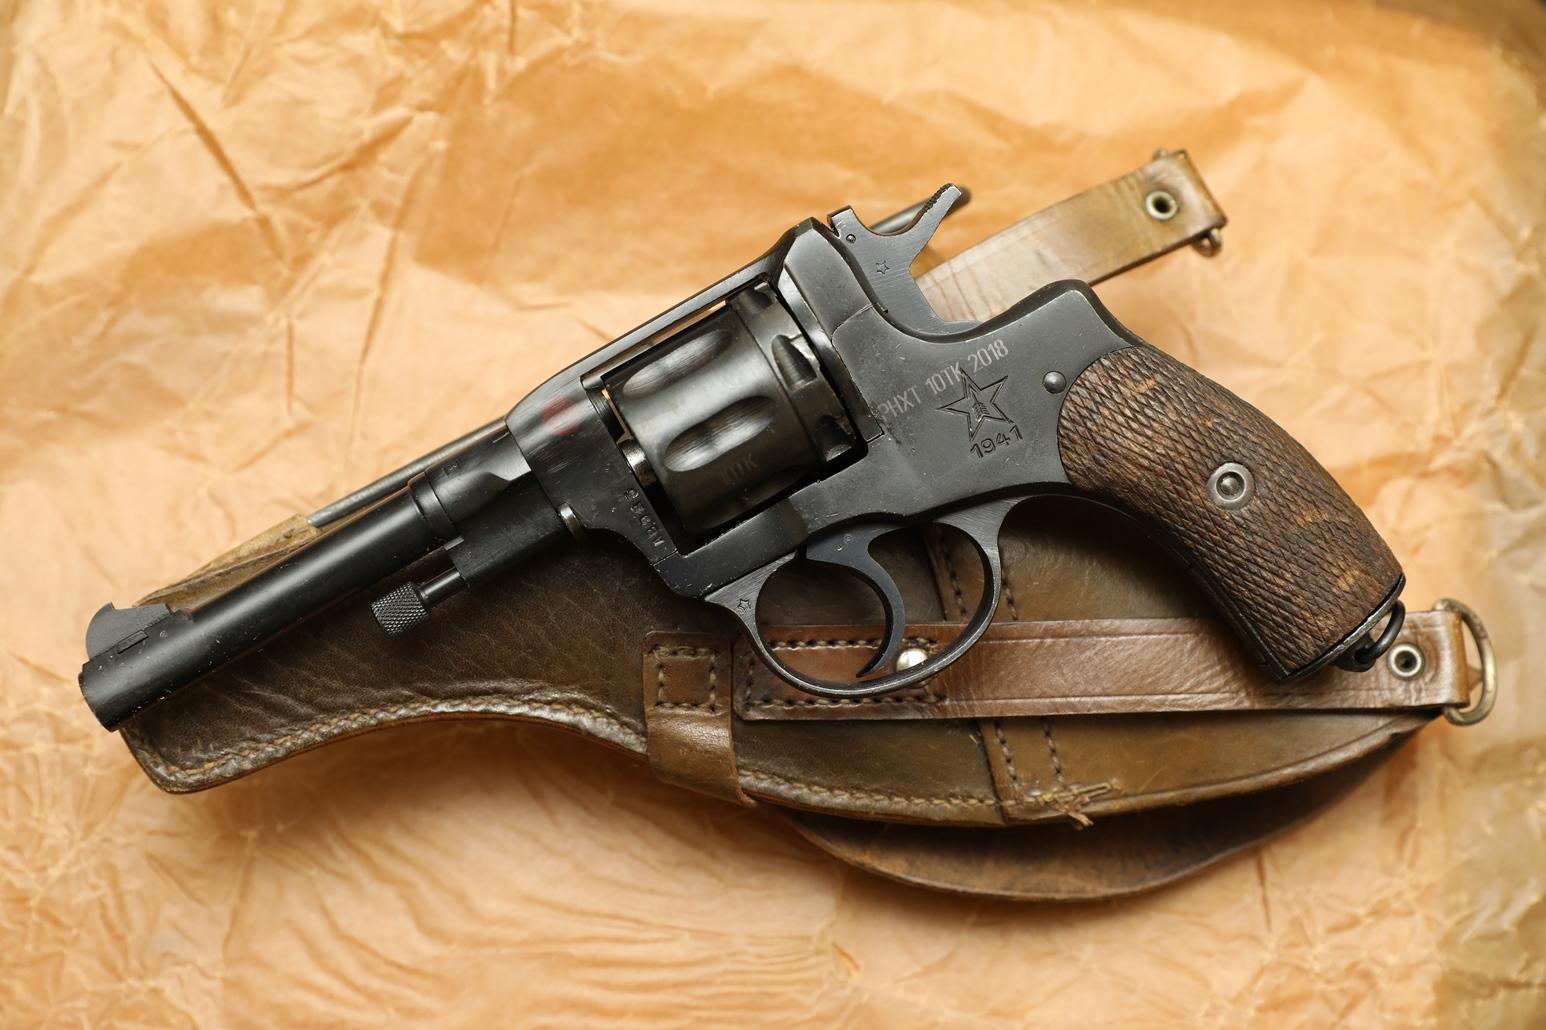 Охолощенный револьвер Наган 1941 года №АВ 925, с «сердечком», кобура 1941 года